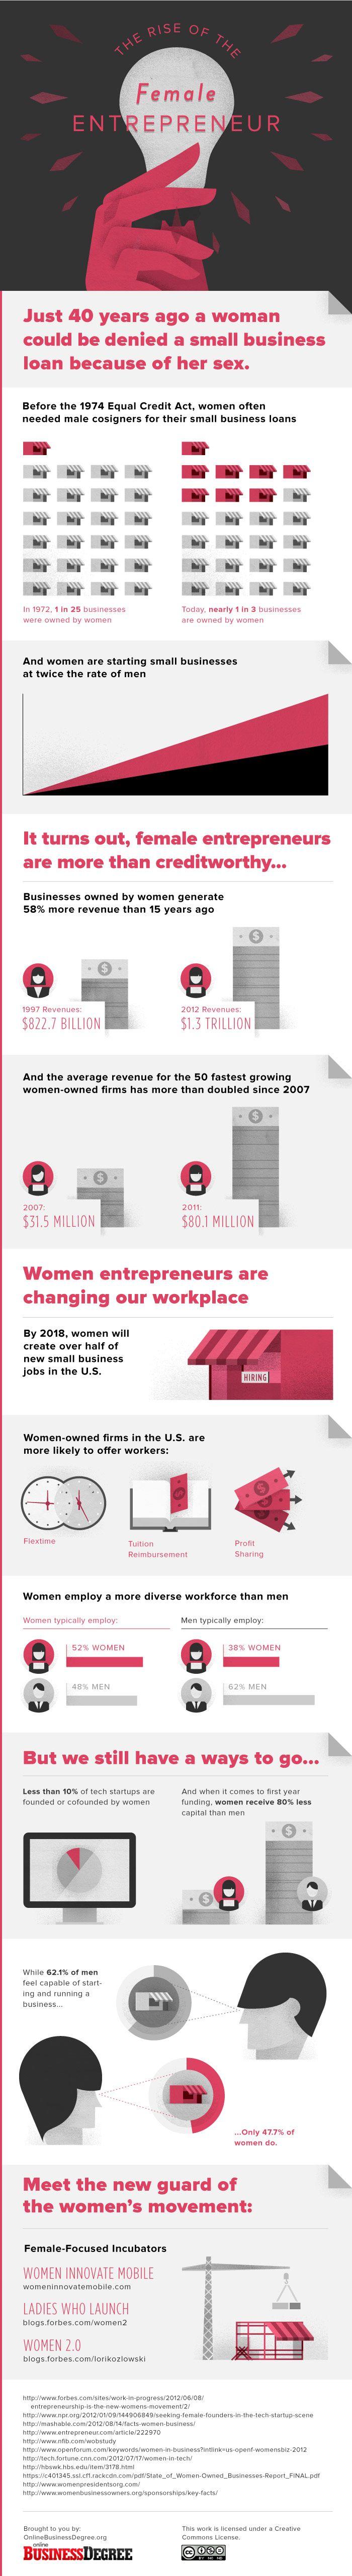 The rise of the female entrepreneur  #entrepreneurship #infographic #womeninbusiness